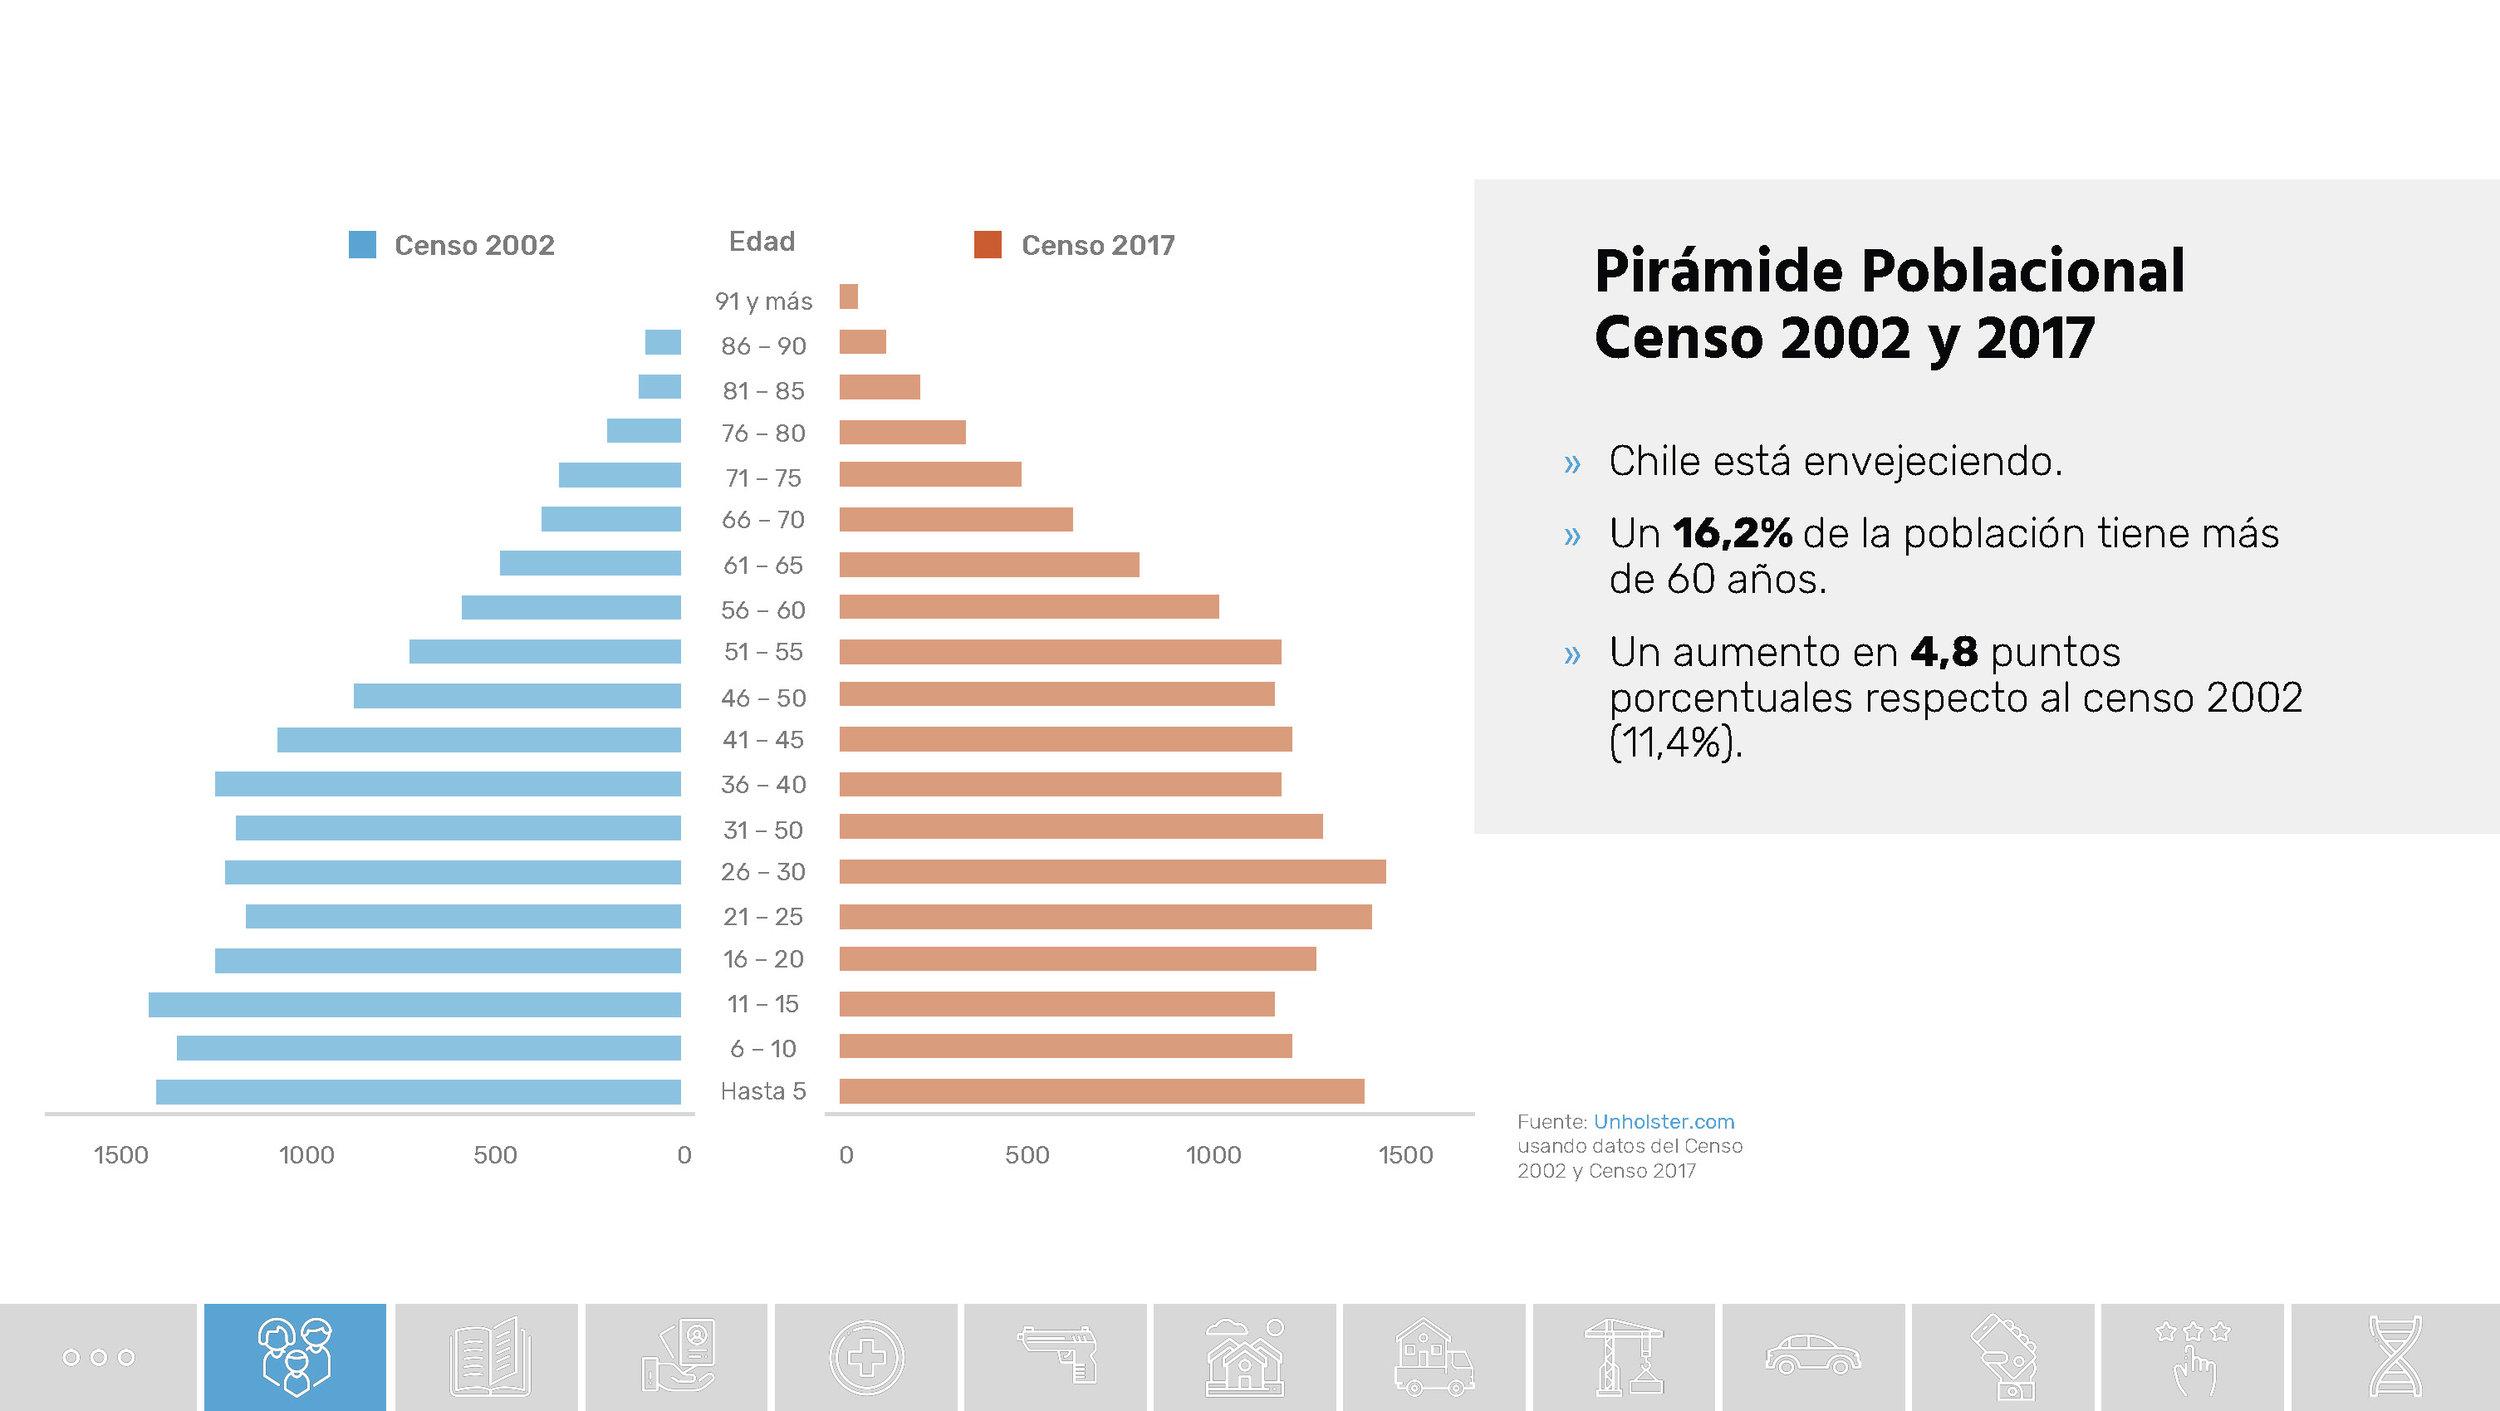 Chile_Datos de una transformacion social_Unholster_Página_10.jpg